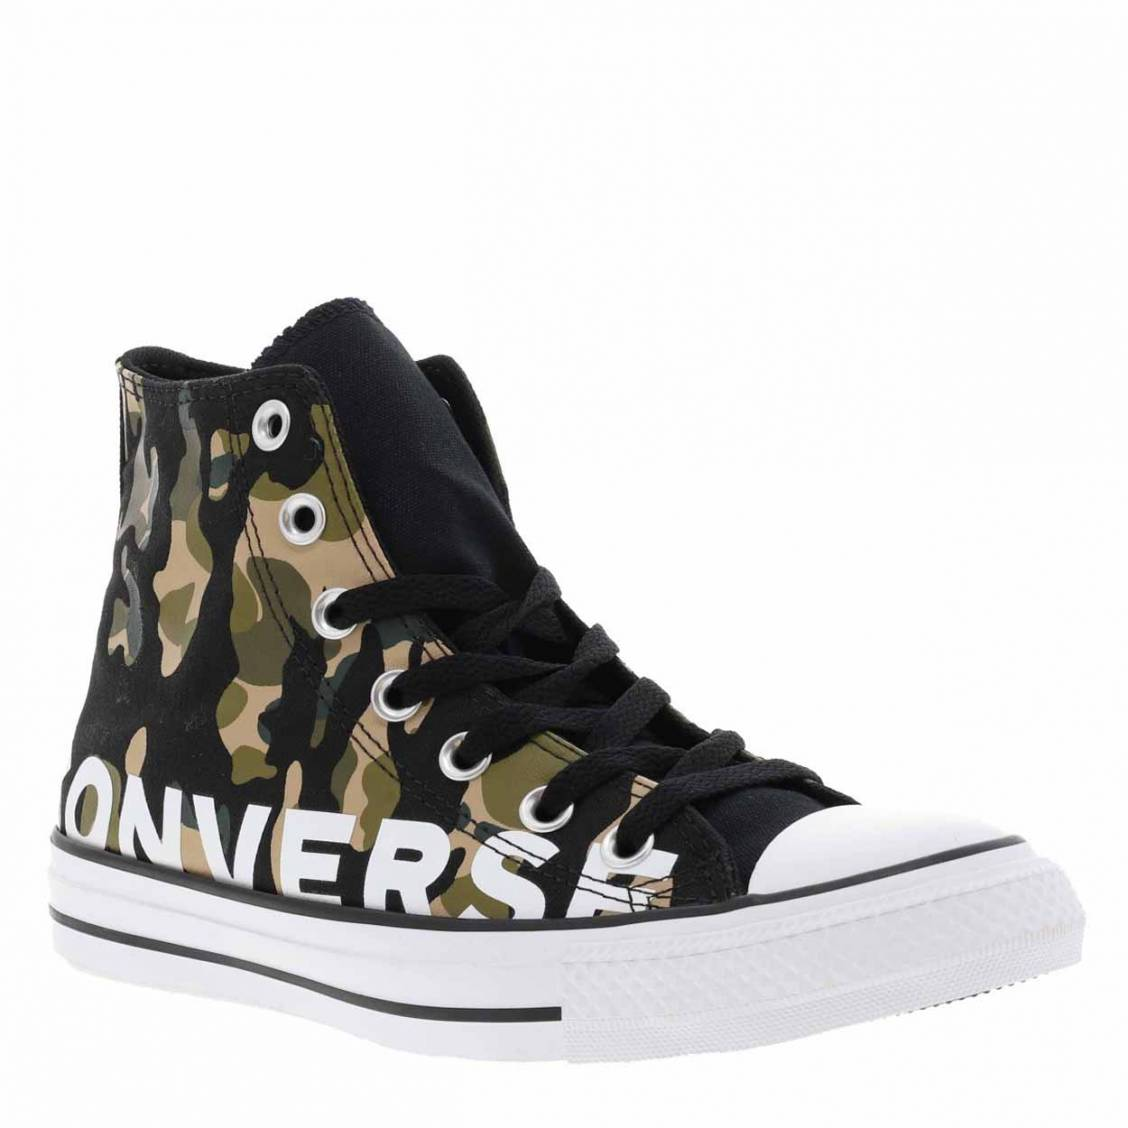 Baskets hautes Converse Chuck Tailor en toile camouflage vert kaki et noir | Rue Des Hommes